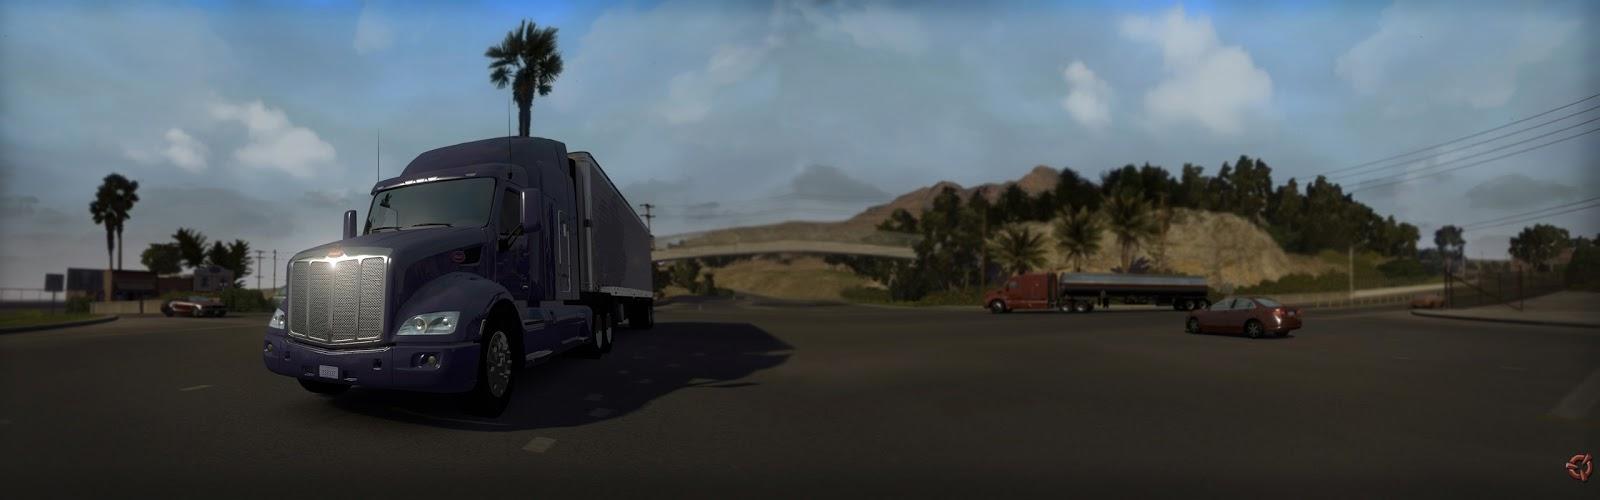 Obrazem: Rozpracovaný American Truck Simulátor 87362